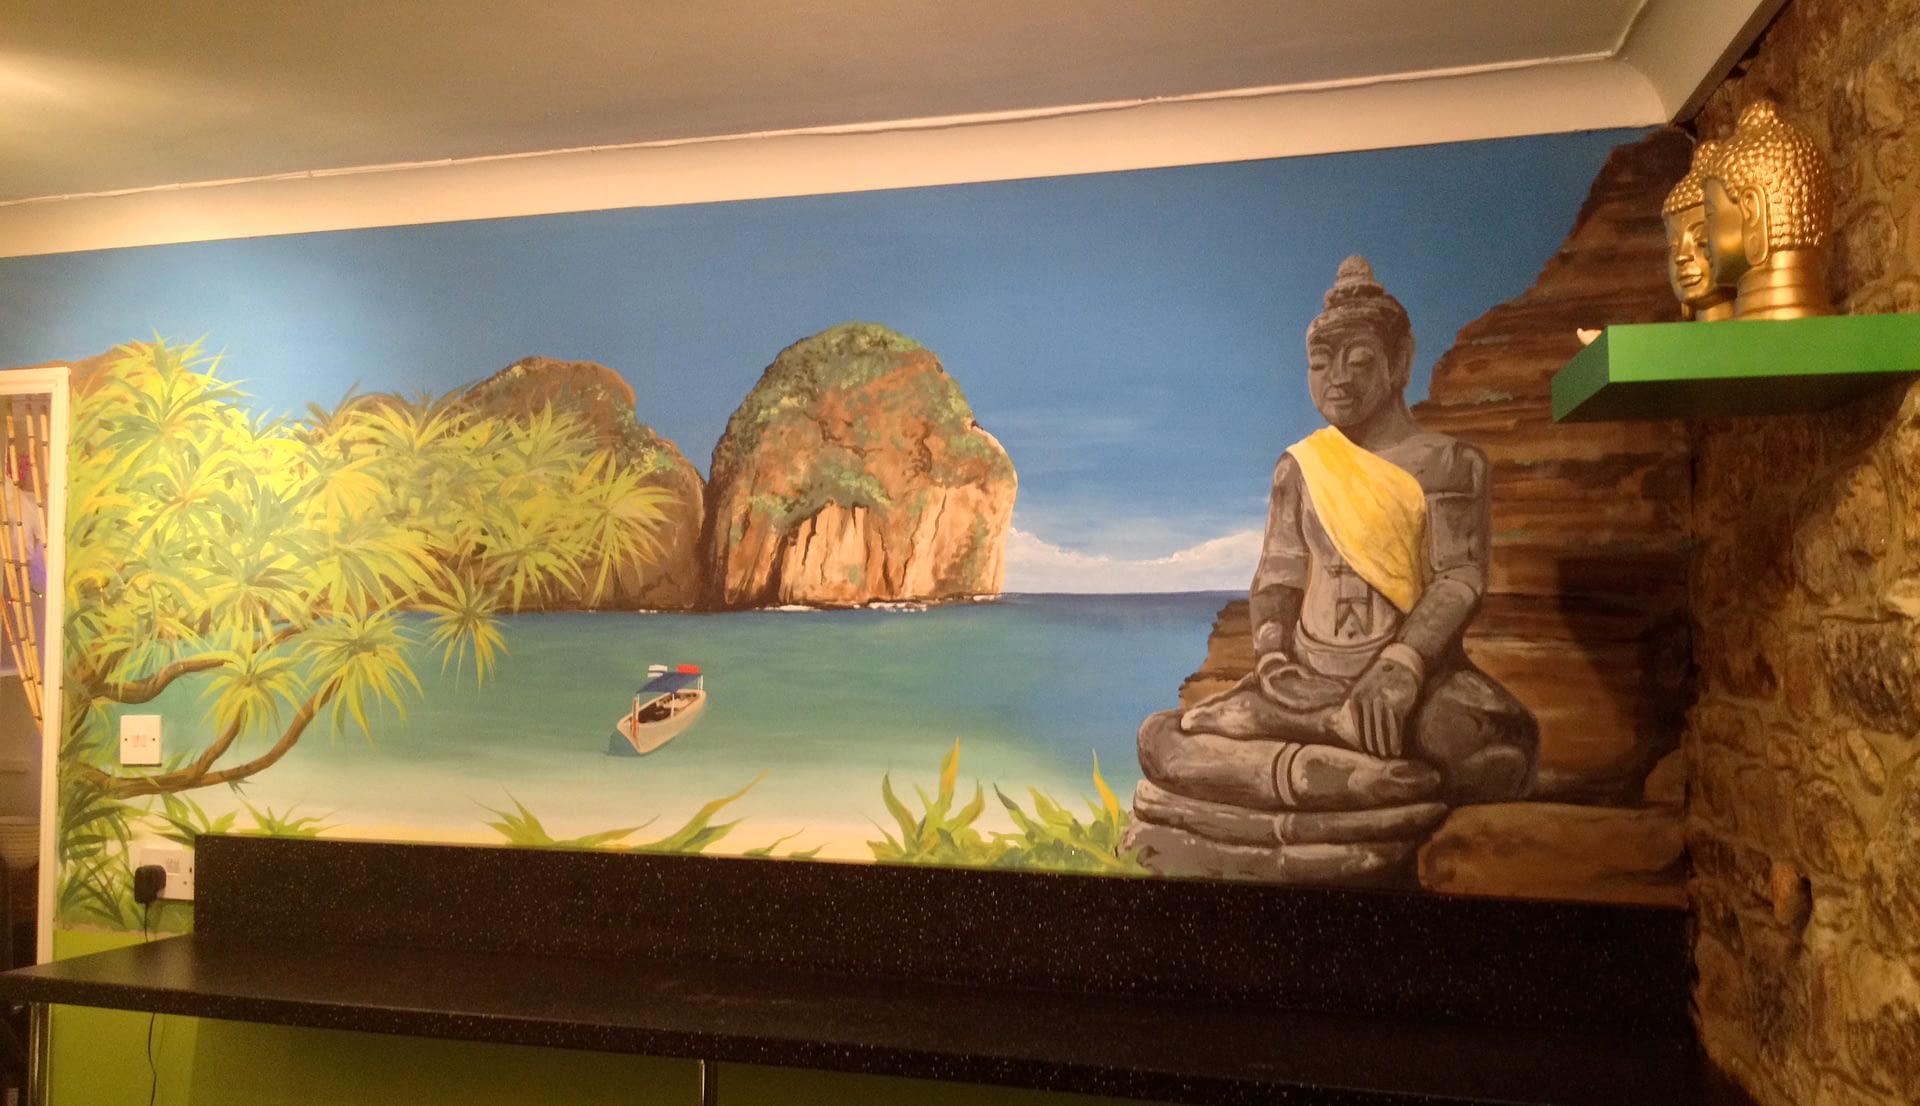 Thai Restaurant Wall Mural